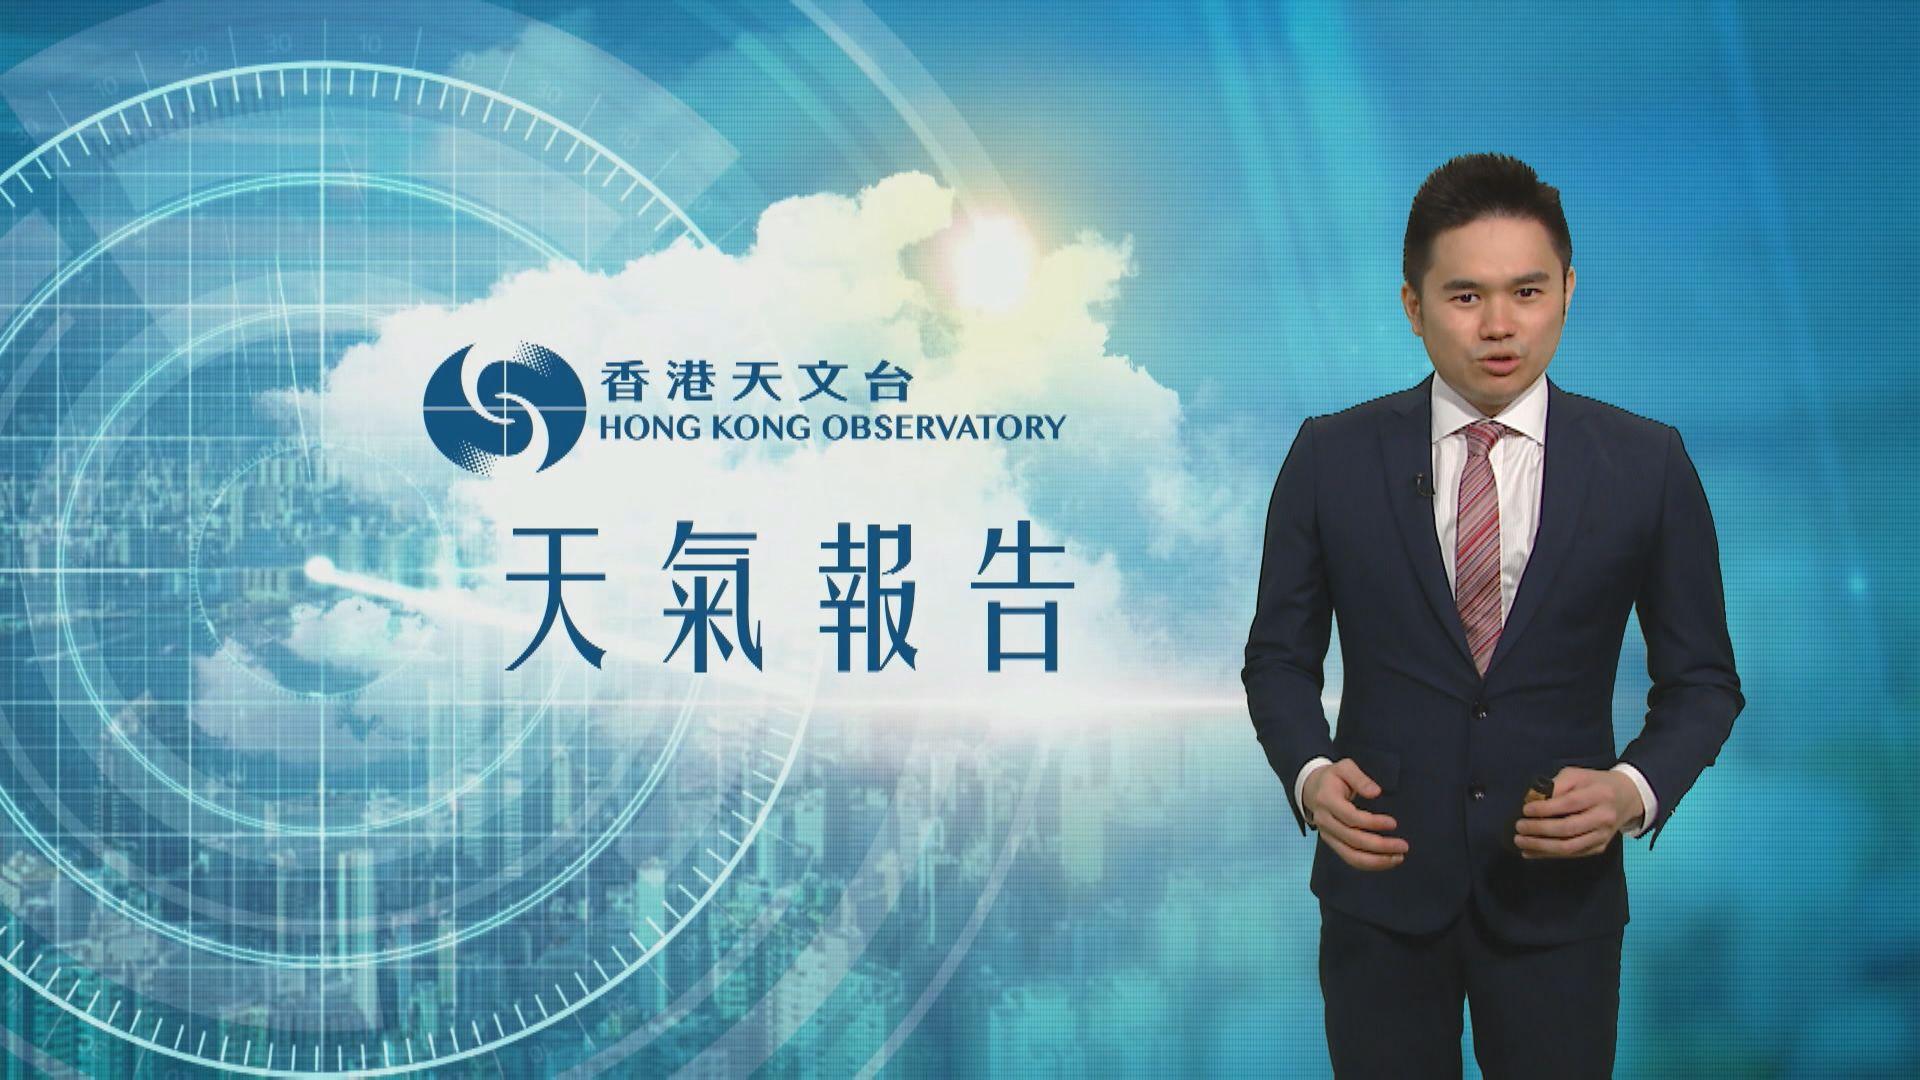 【天氣報告】(5月18日)